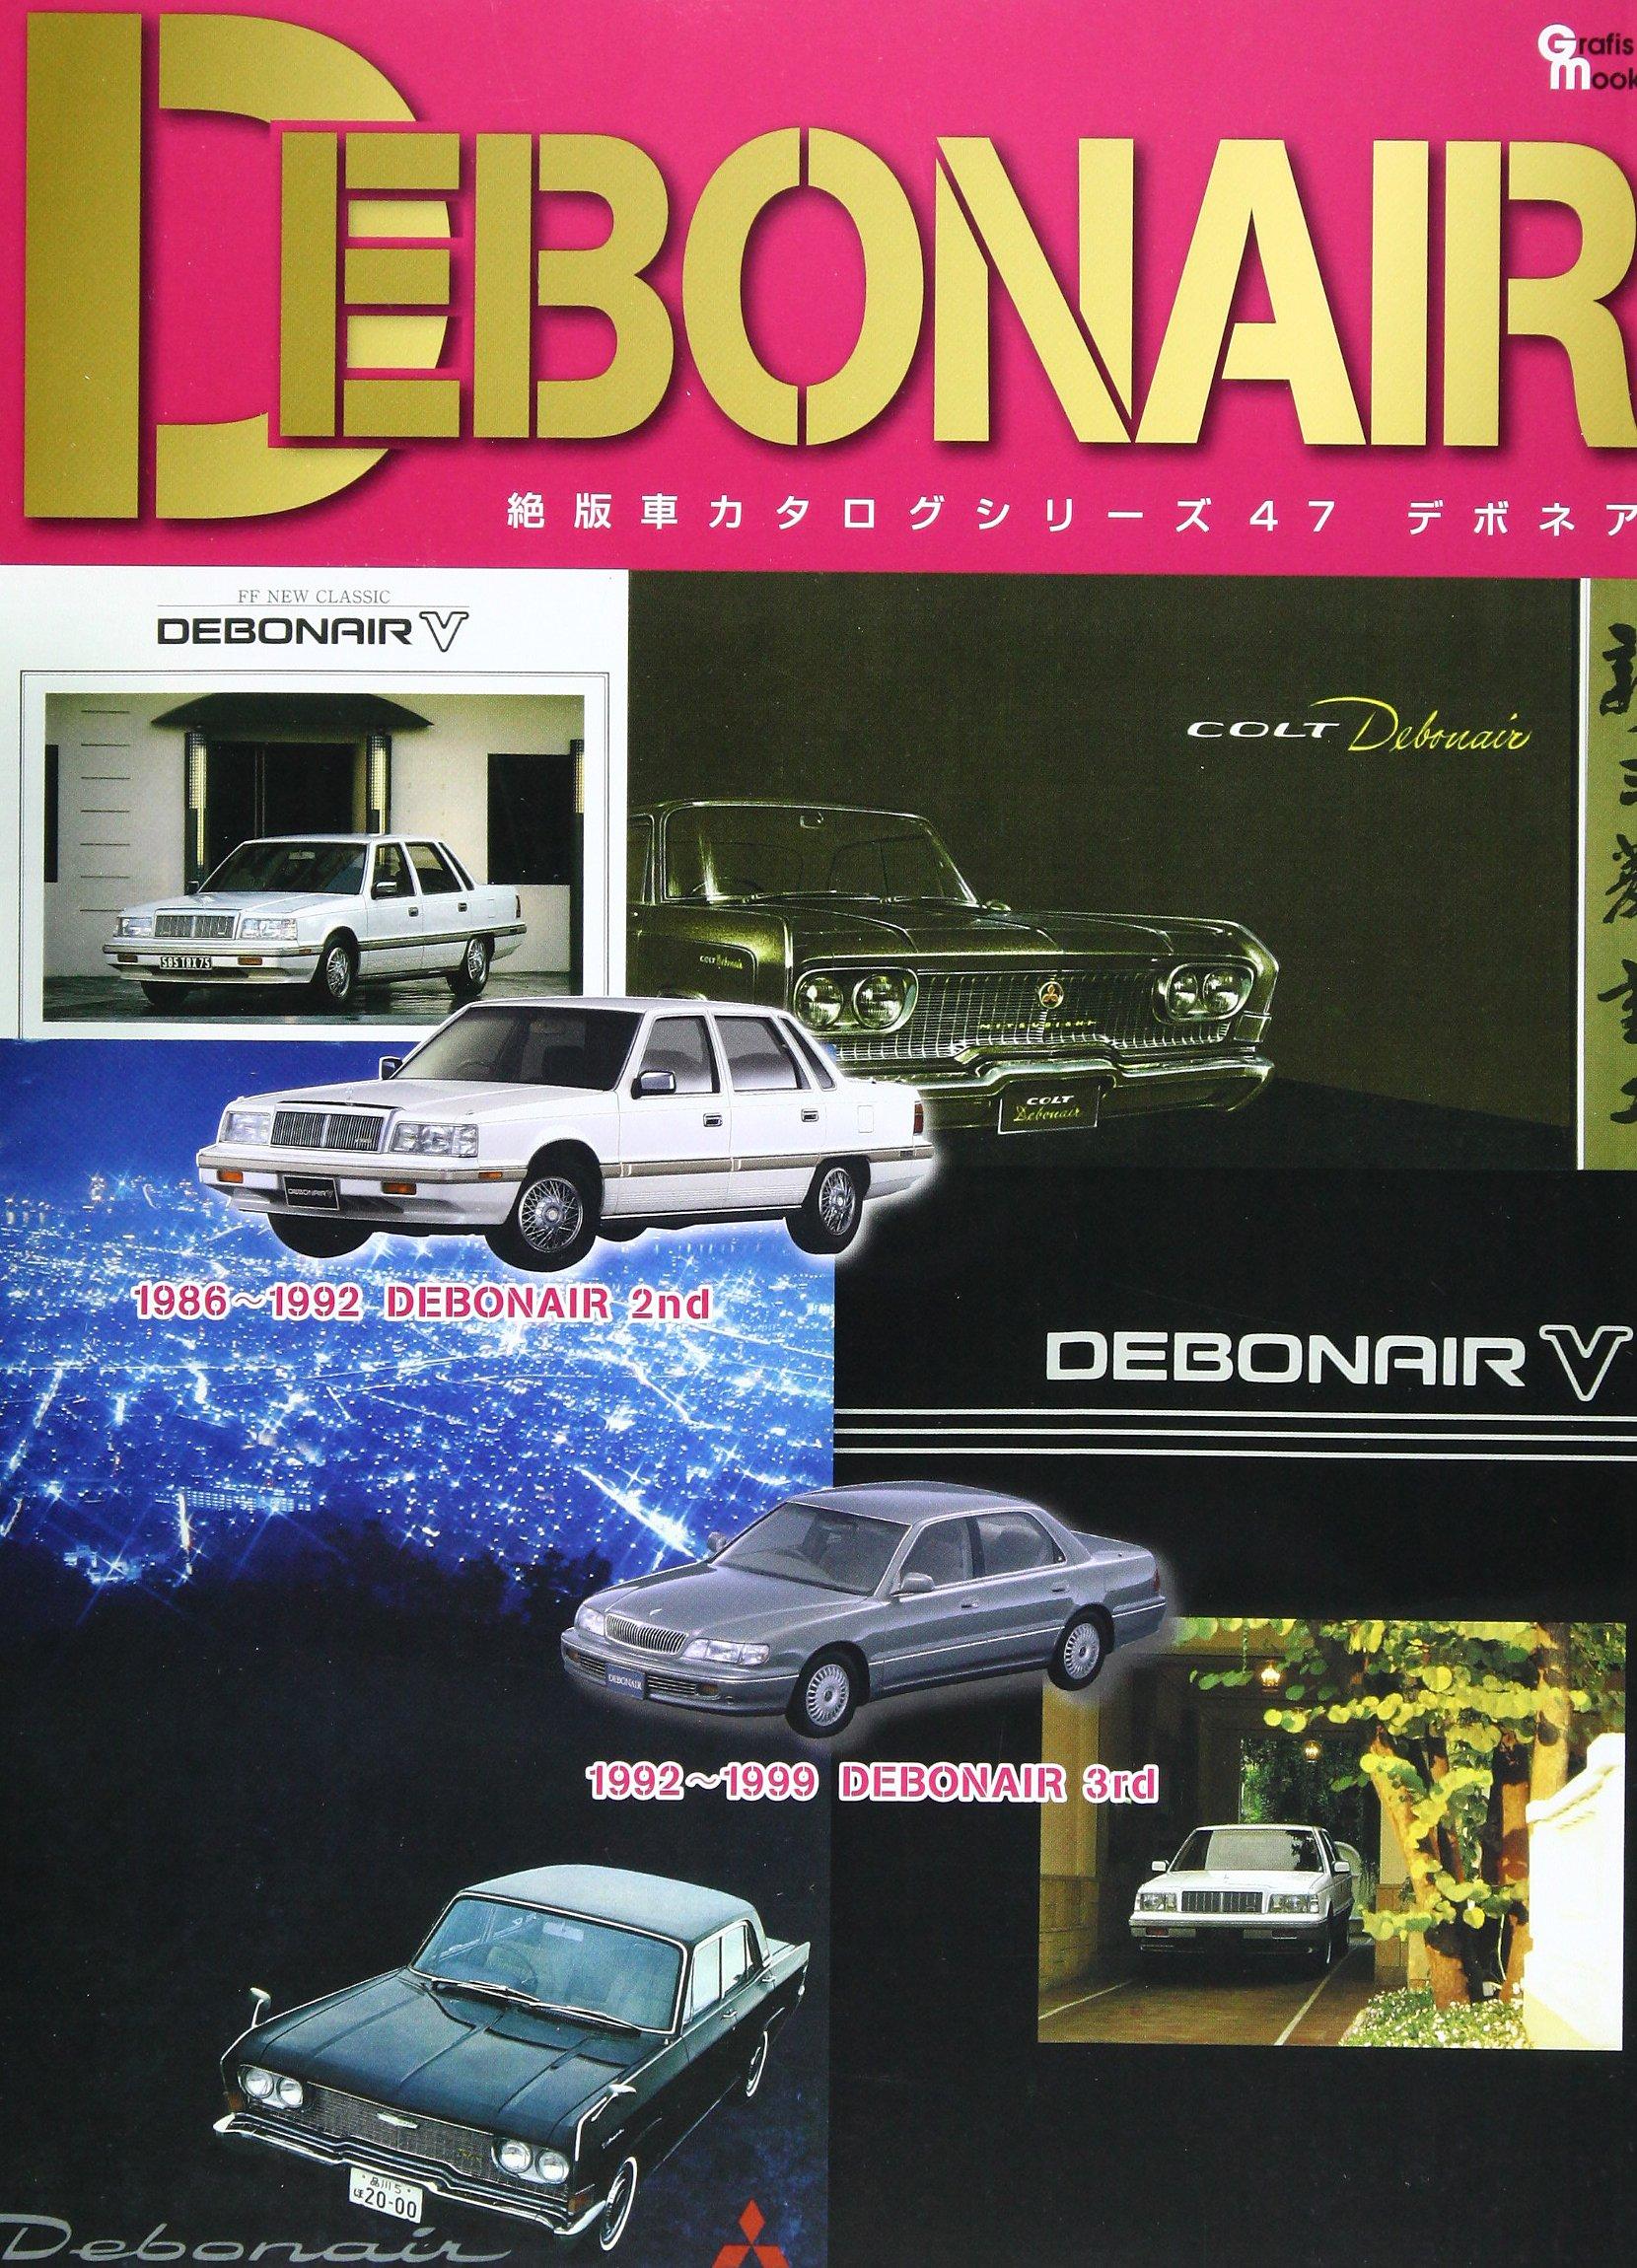 「三菱デボネア (Grafis Mook 絶版車カタログシリーズ 47) 」(グラフィス)